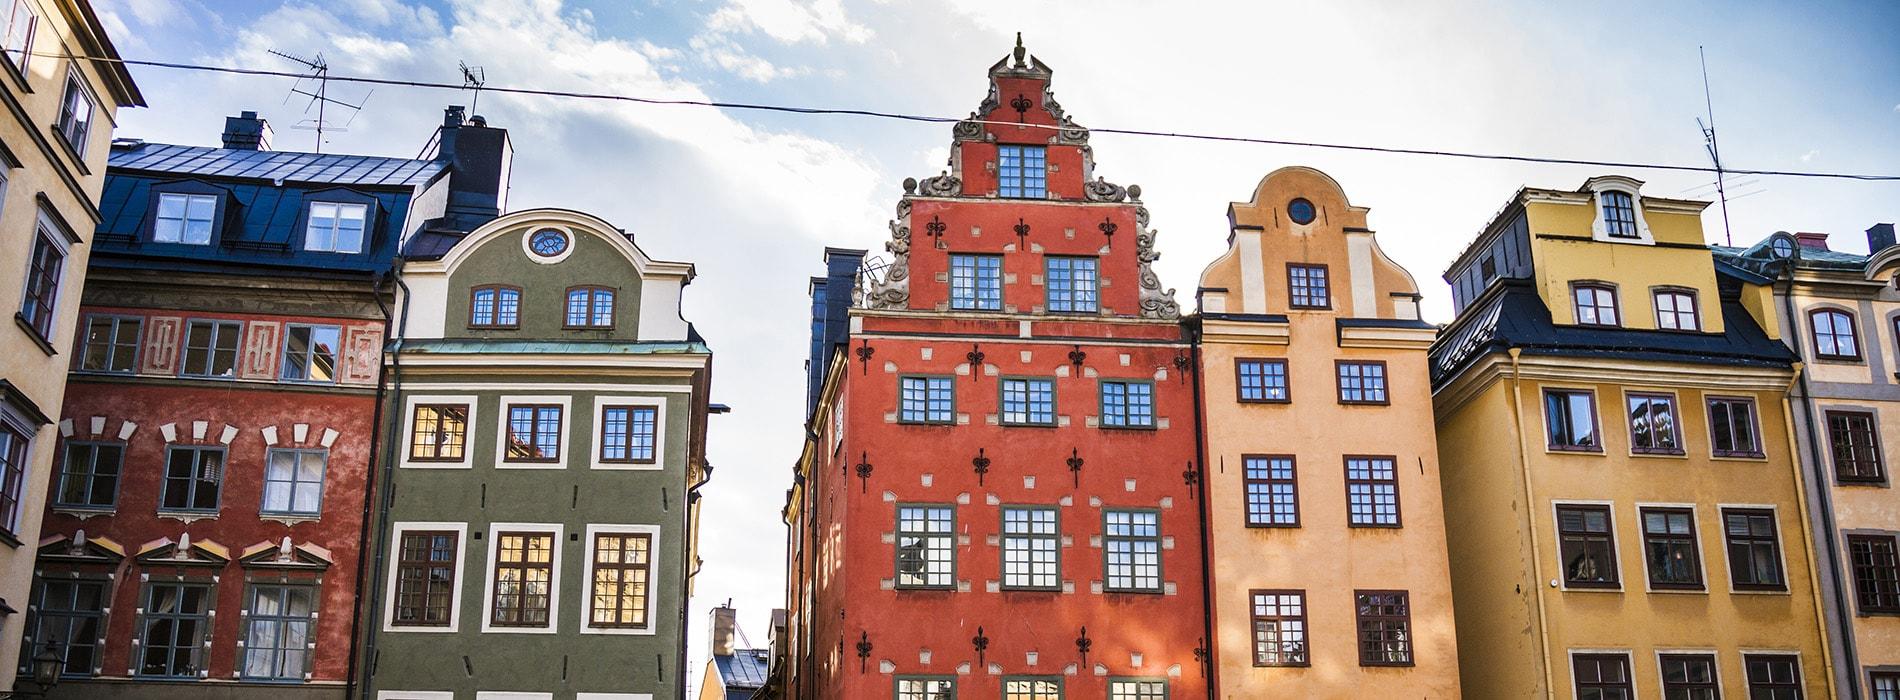 Авиабилеты Санкт-Петербург — Стокгольм, купить билеты на самолет туда и обратно